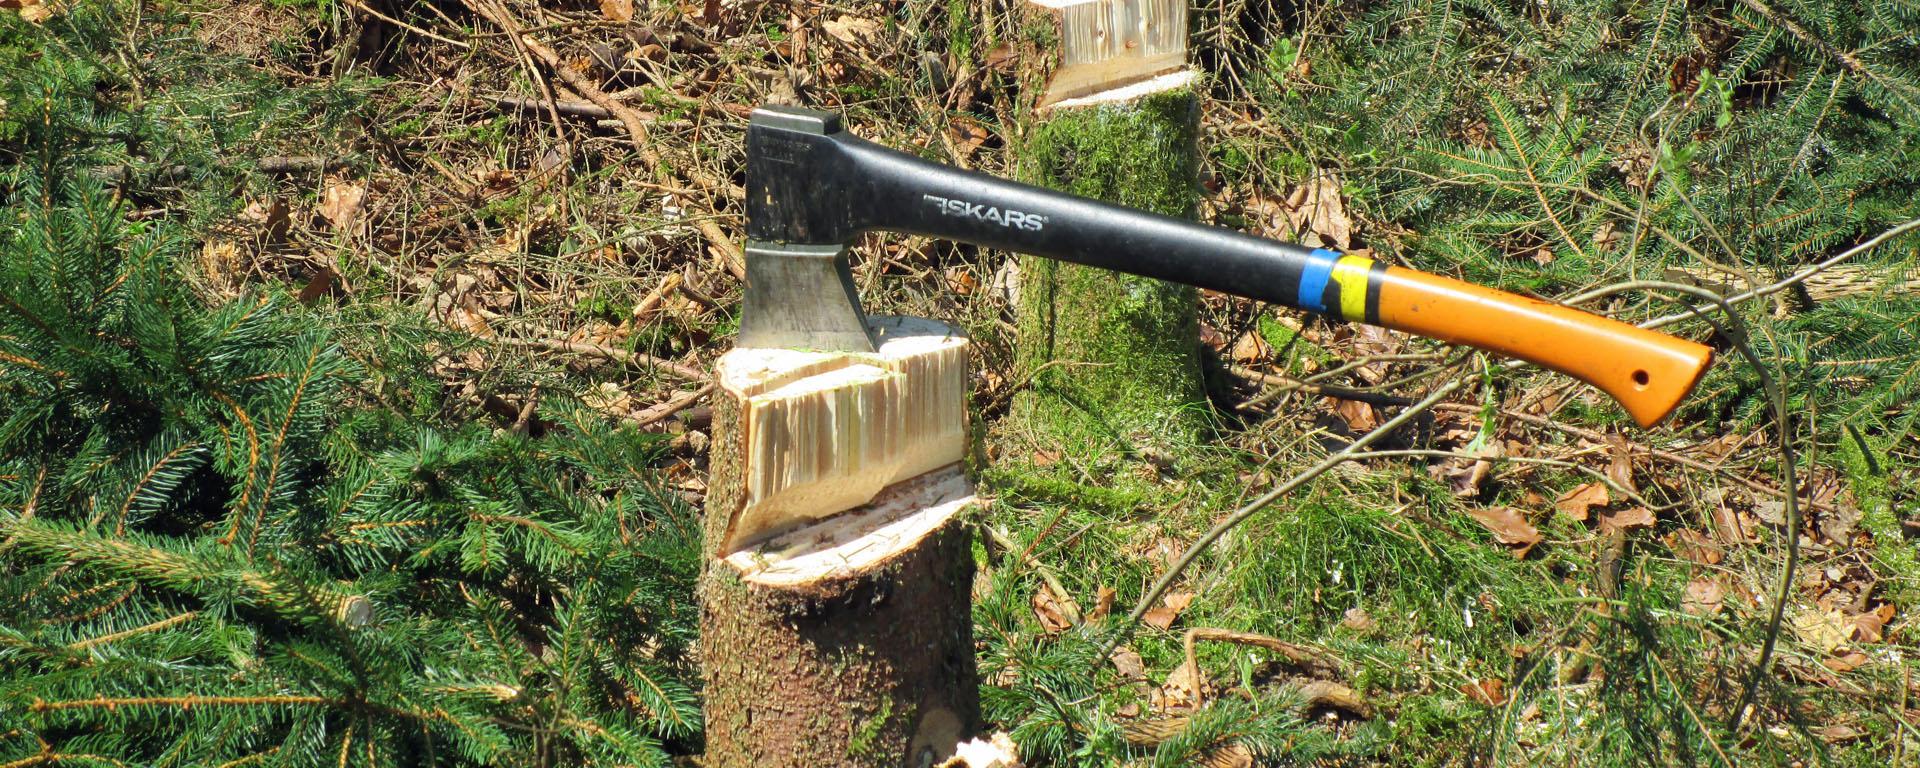 Holzfällen und Waldarbeit